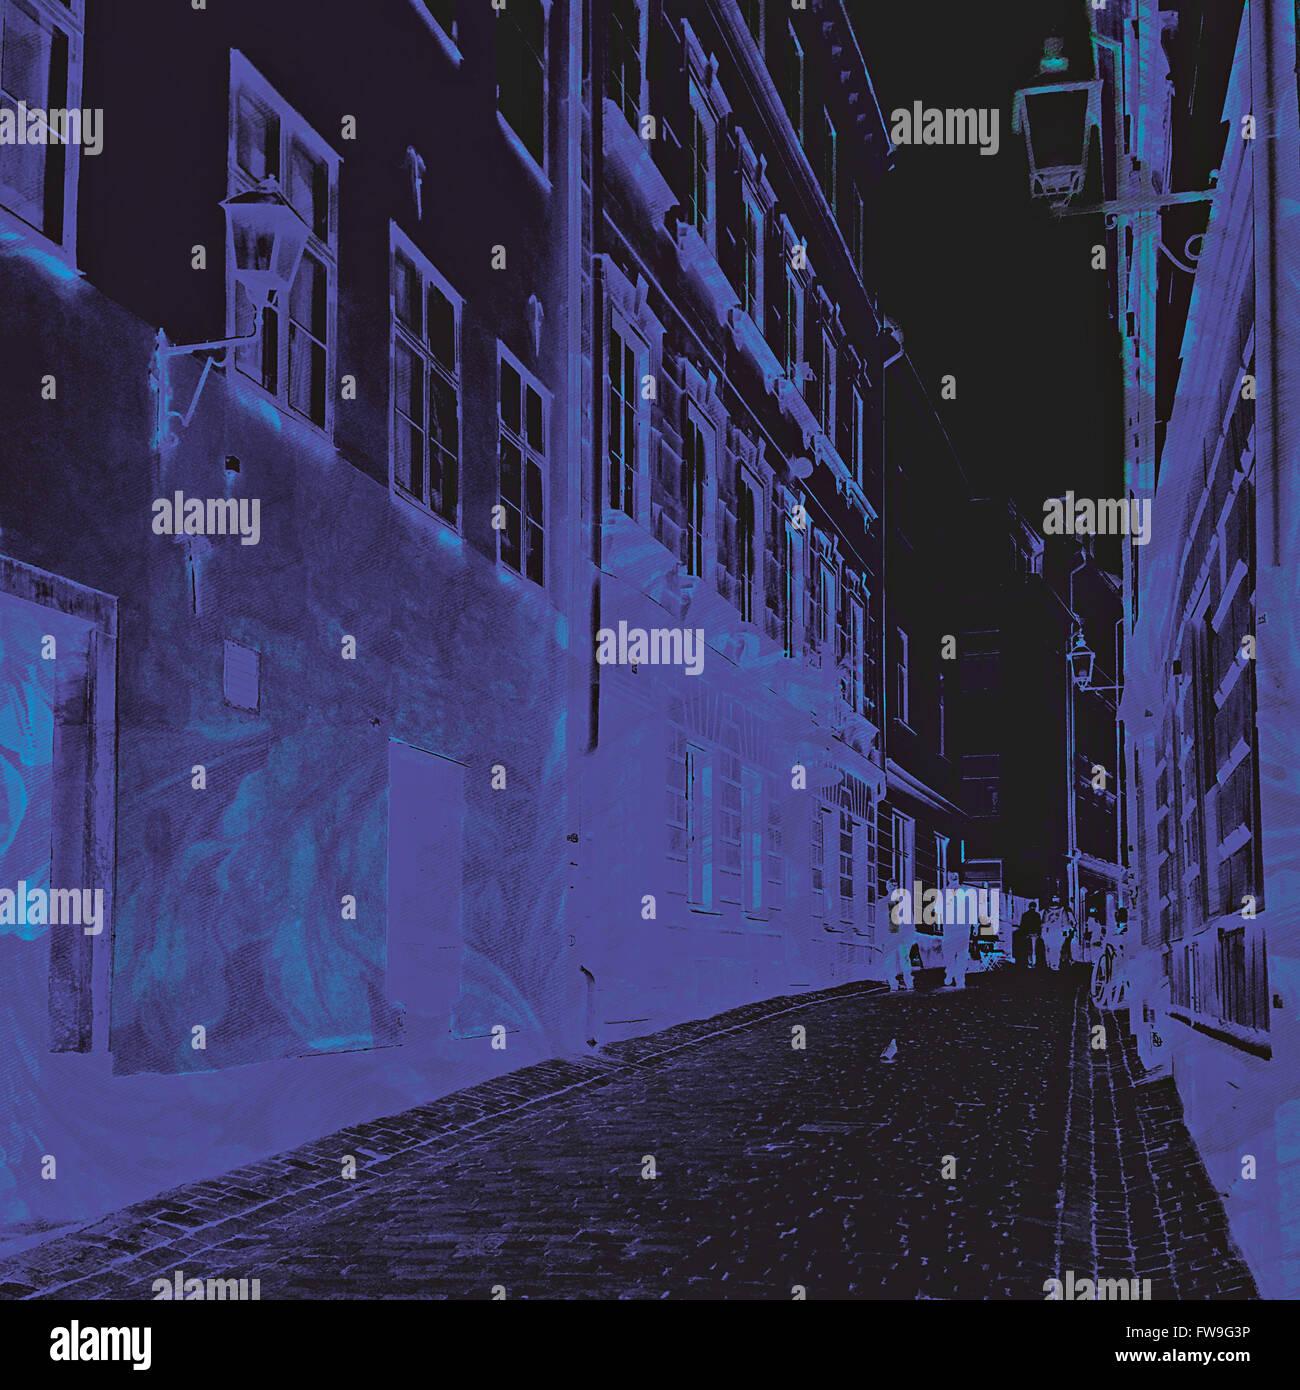 Abstract moderno graphic design arte digitale concept creativo Immagini Stock